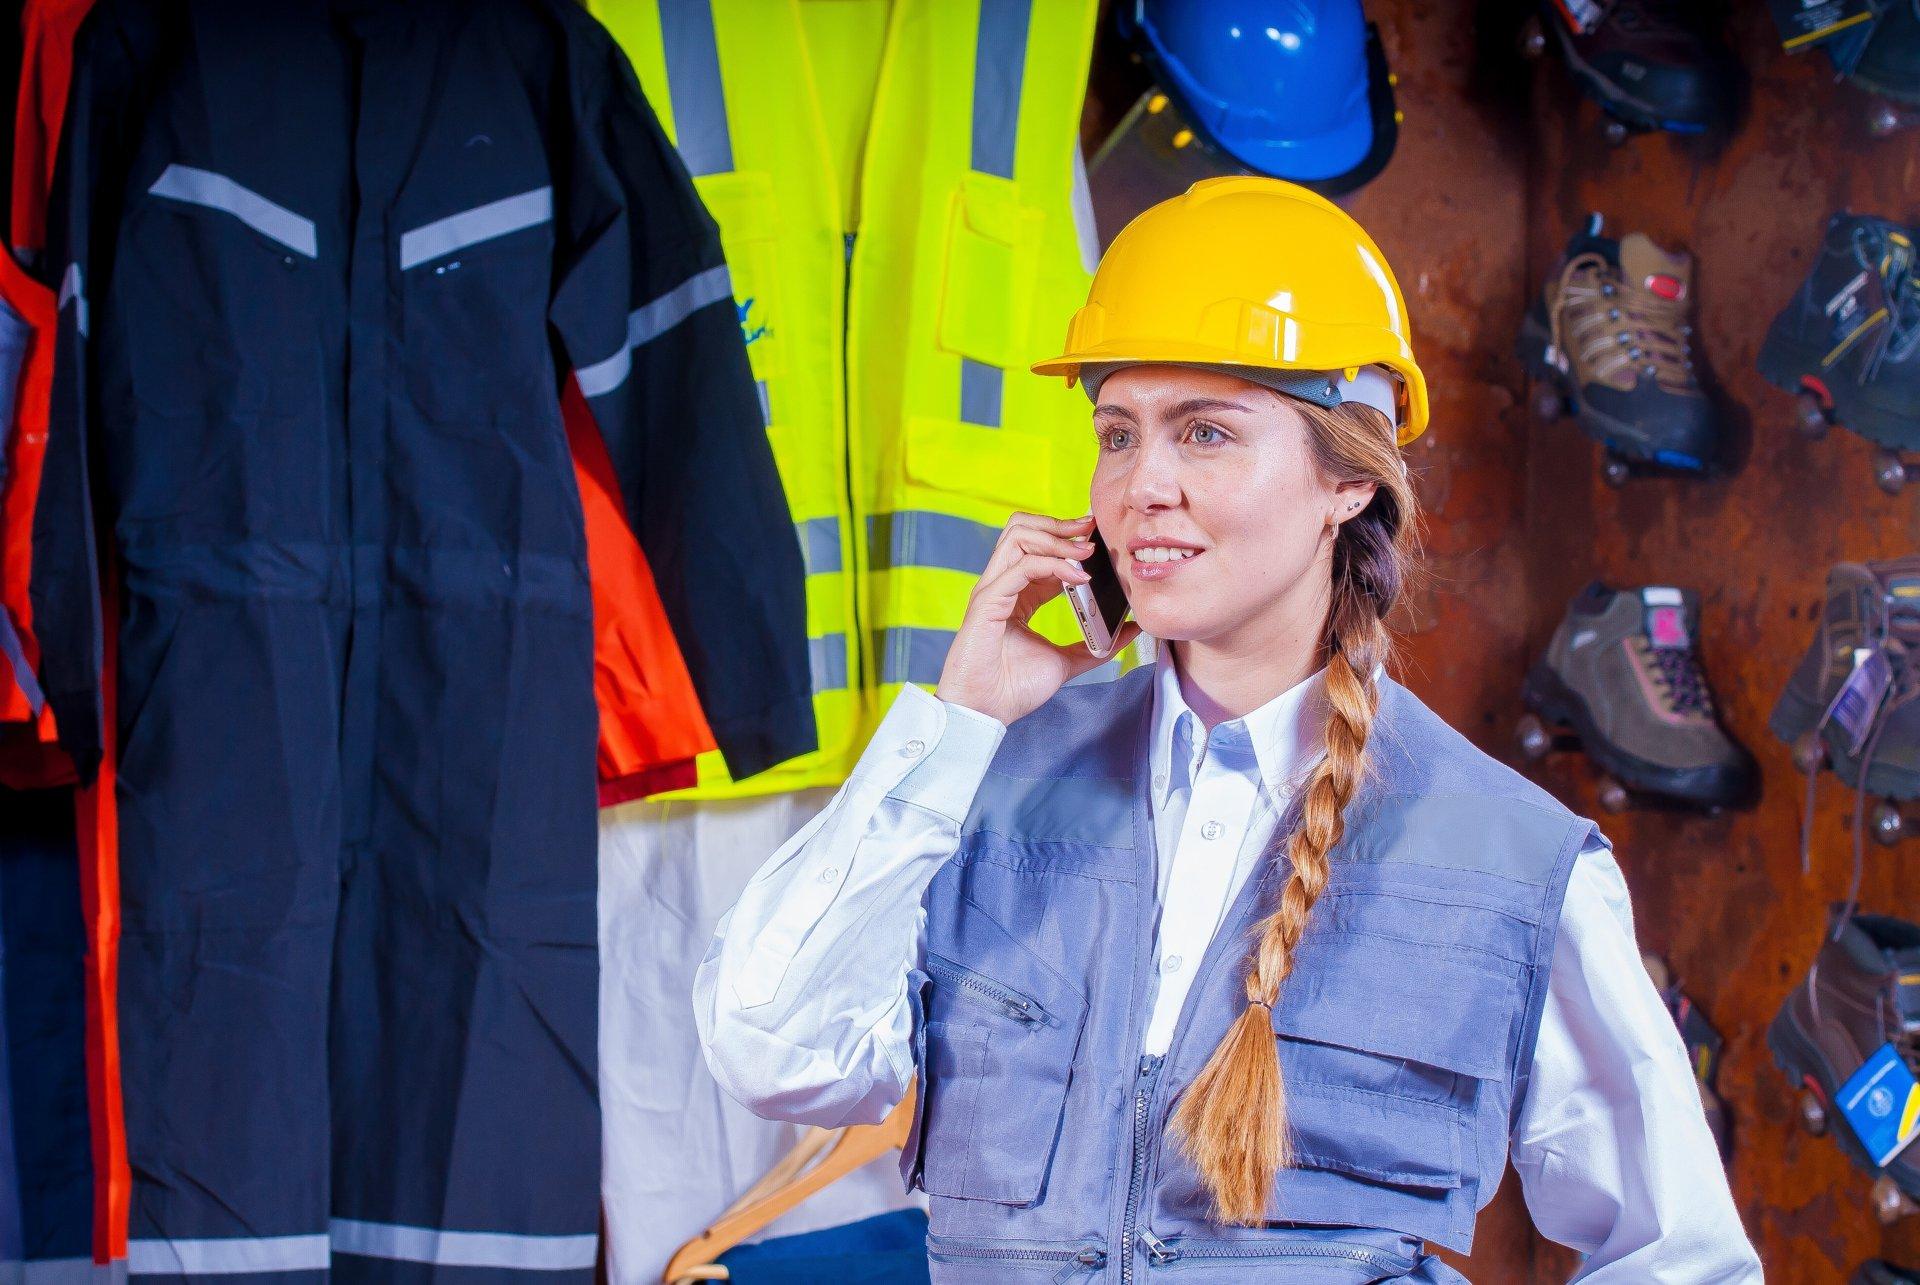 Sicurezza: formazione specifica lavoratori rischio basso - aggiornato COVID19